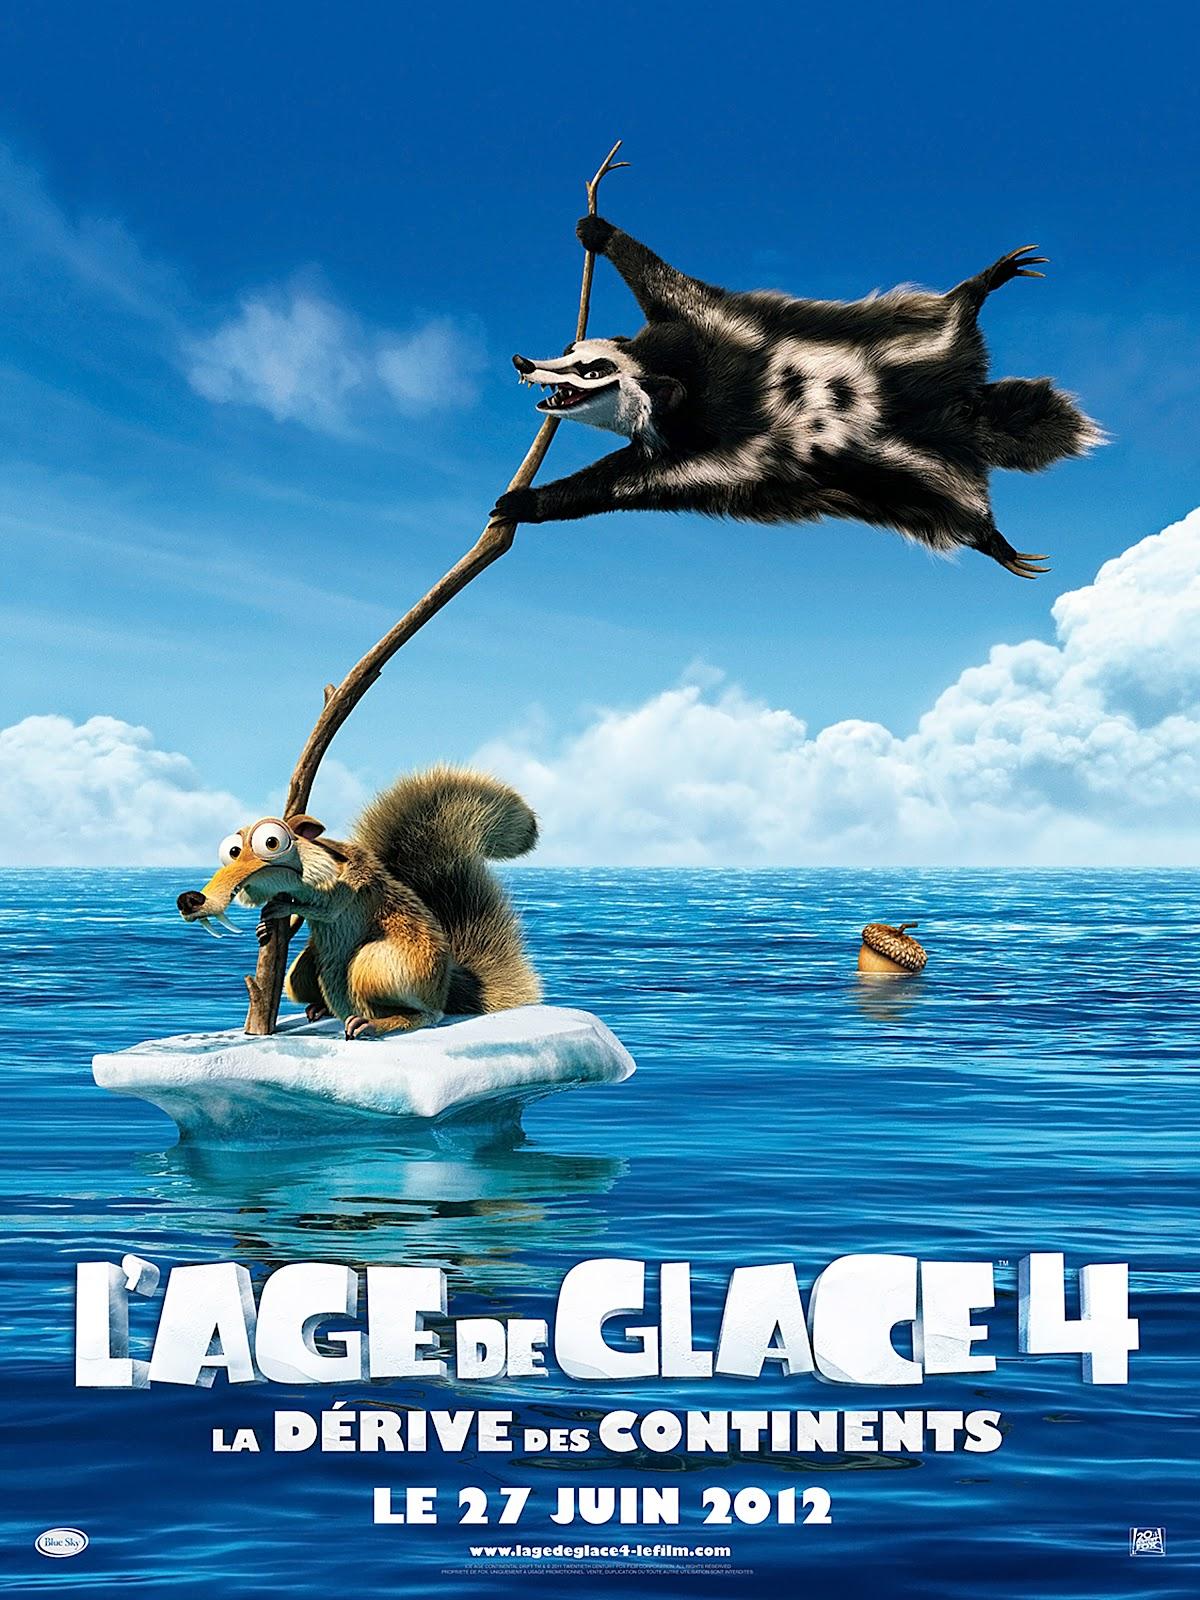 Personnage Age De Glace 4 : personnage, glace, Nouveau, Cinéphile:, L'Age, Glace, Dérive, Continents, Sortie, Aperçu